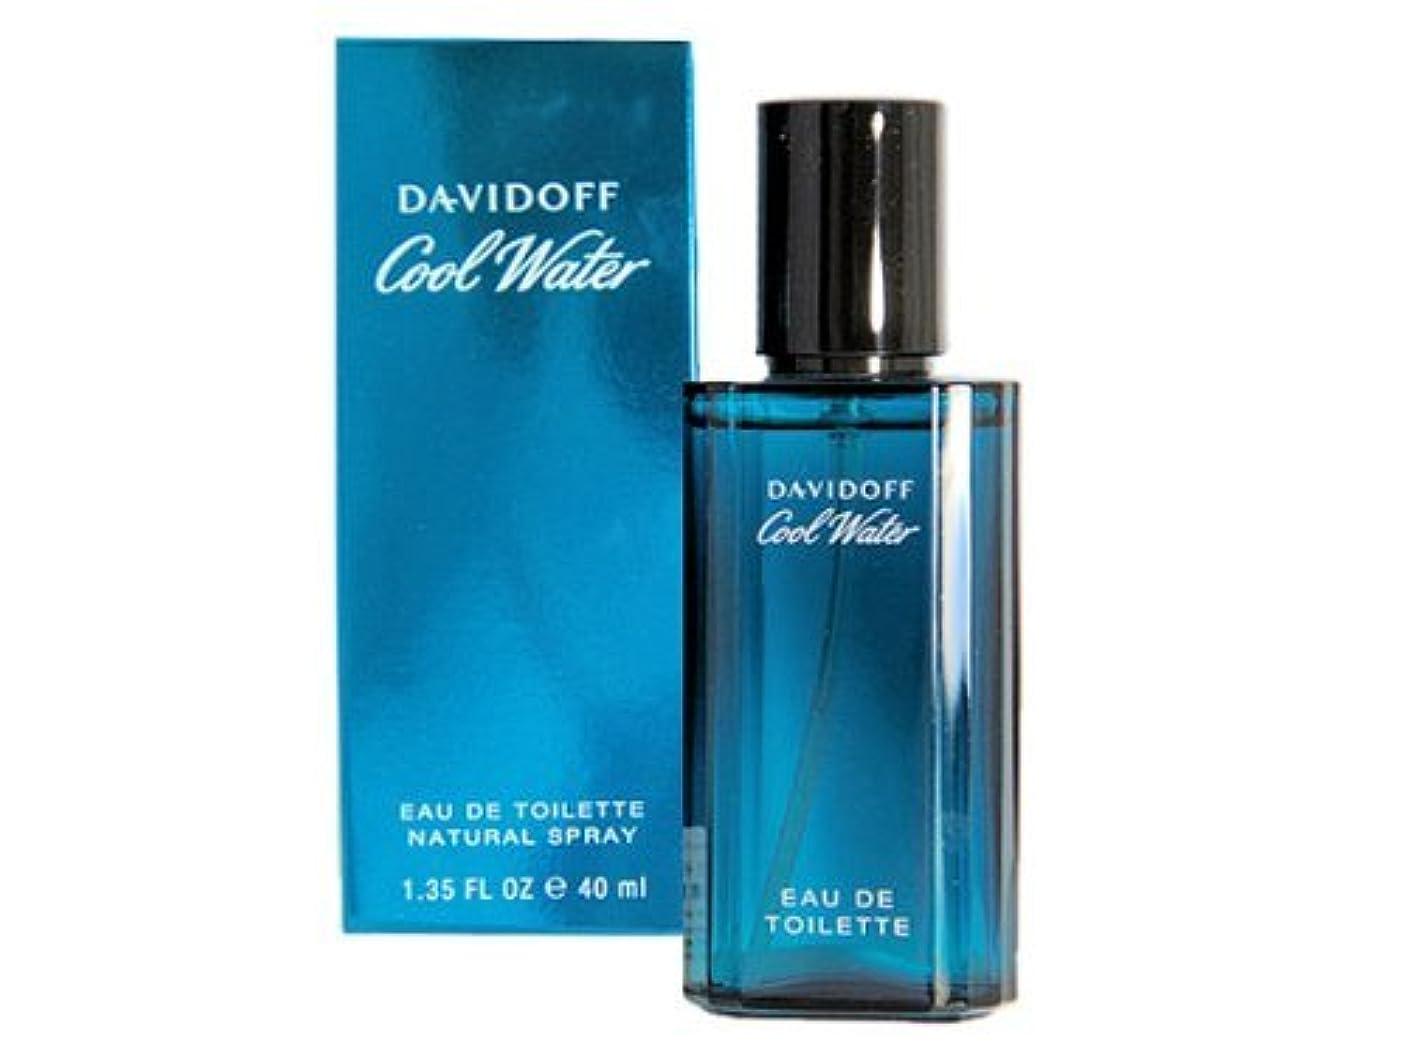 ジョリーニコチン代理店ダビドフ クールウォーター 40ML メンズ 香水 davidoff (並行輸入品)